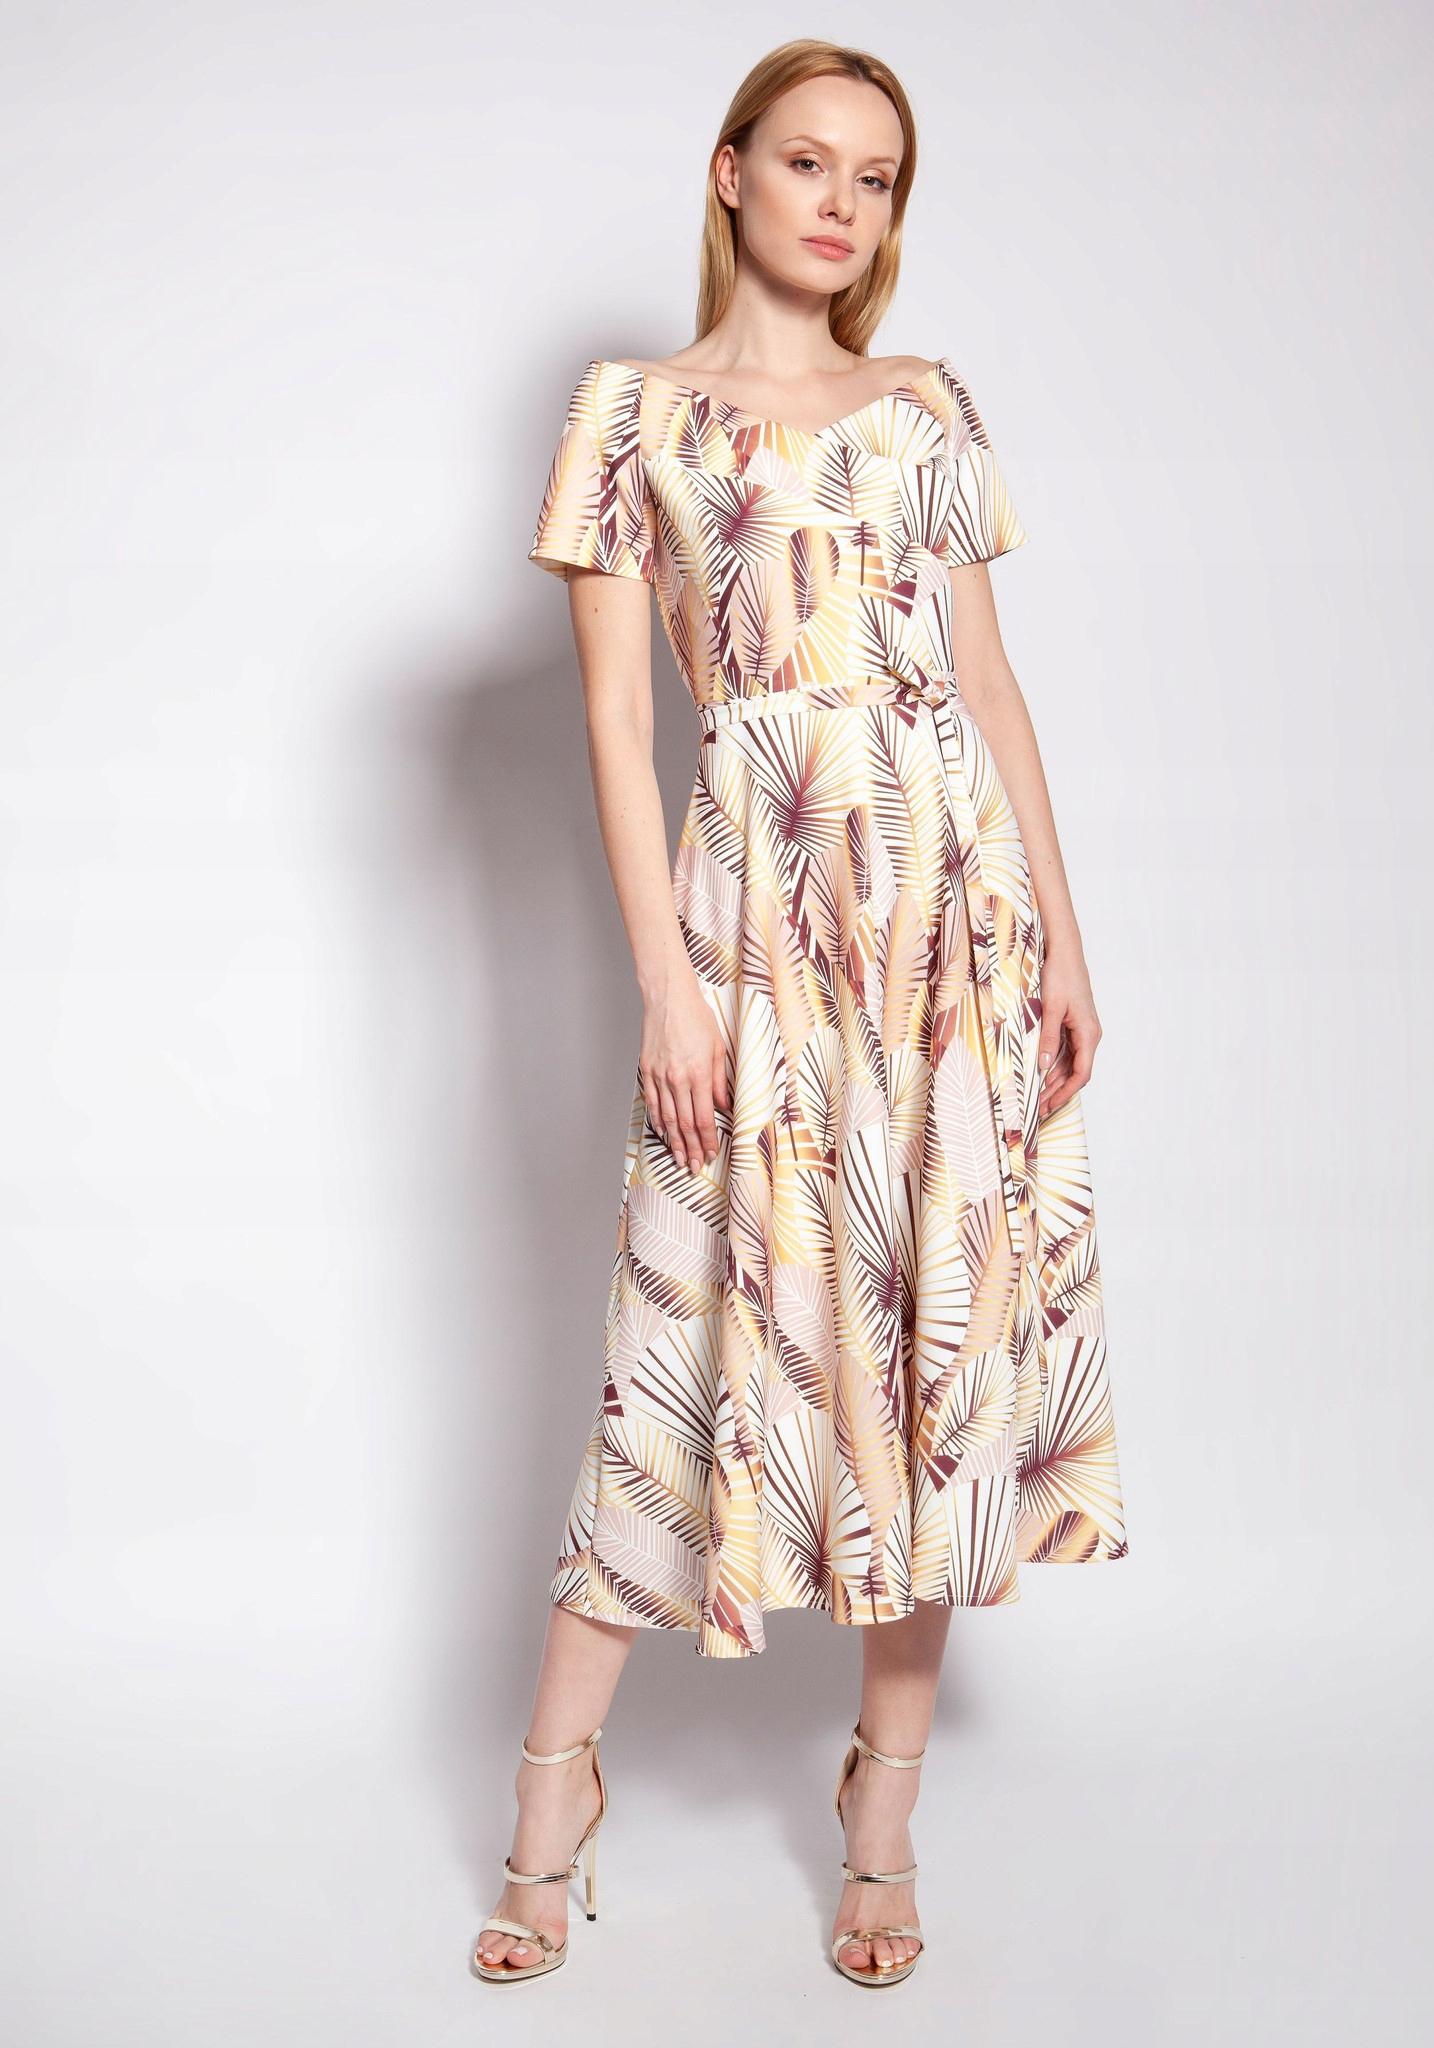 Oryginalna Rozkloszowana Sukienka Wzory XL